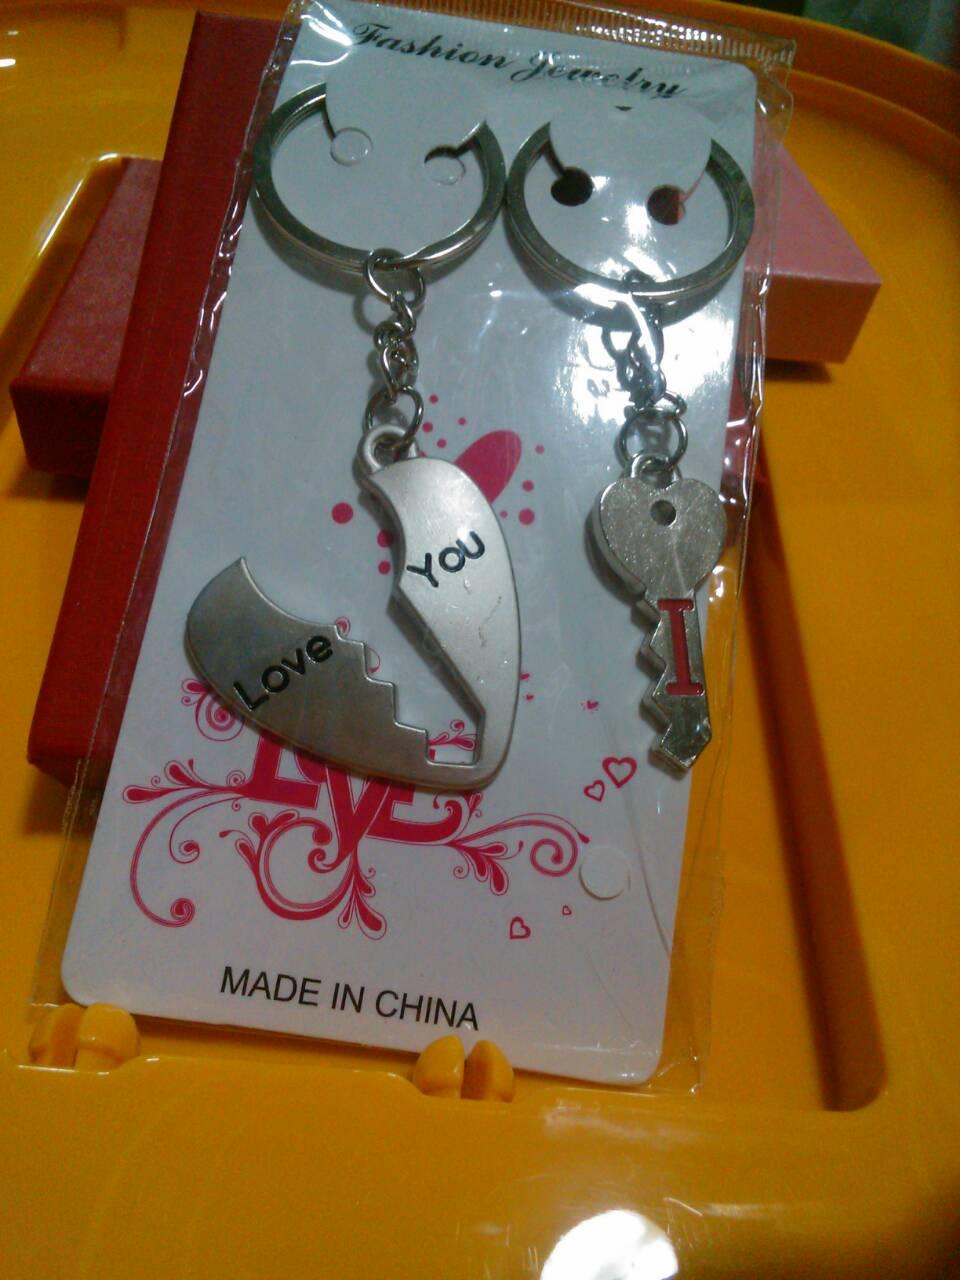 พวงกุญแจตู่รัก4 กุญแจผ่าหัวใจกลาง